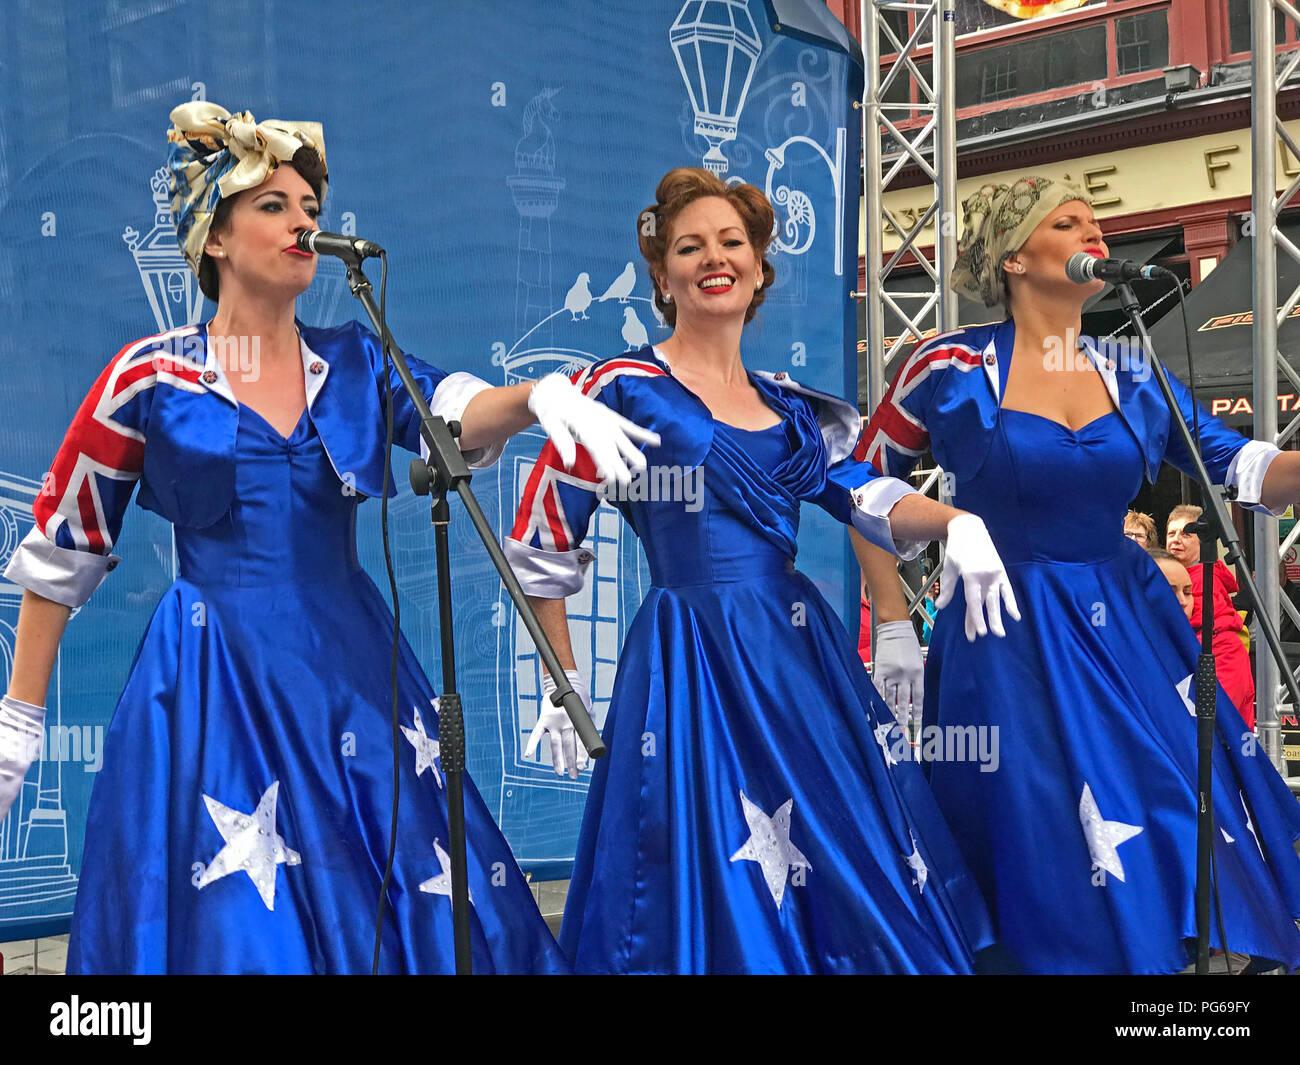 Laden Sie dieses Alamy Stockfoto Mädchen aus Oz - Franse auf der Royal Mile, High St, Edinburgh, Schottland, Großbritannien - PG69FY